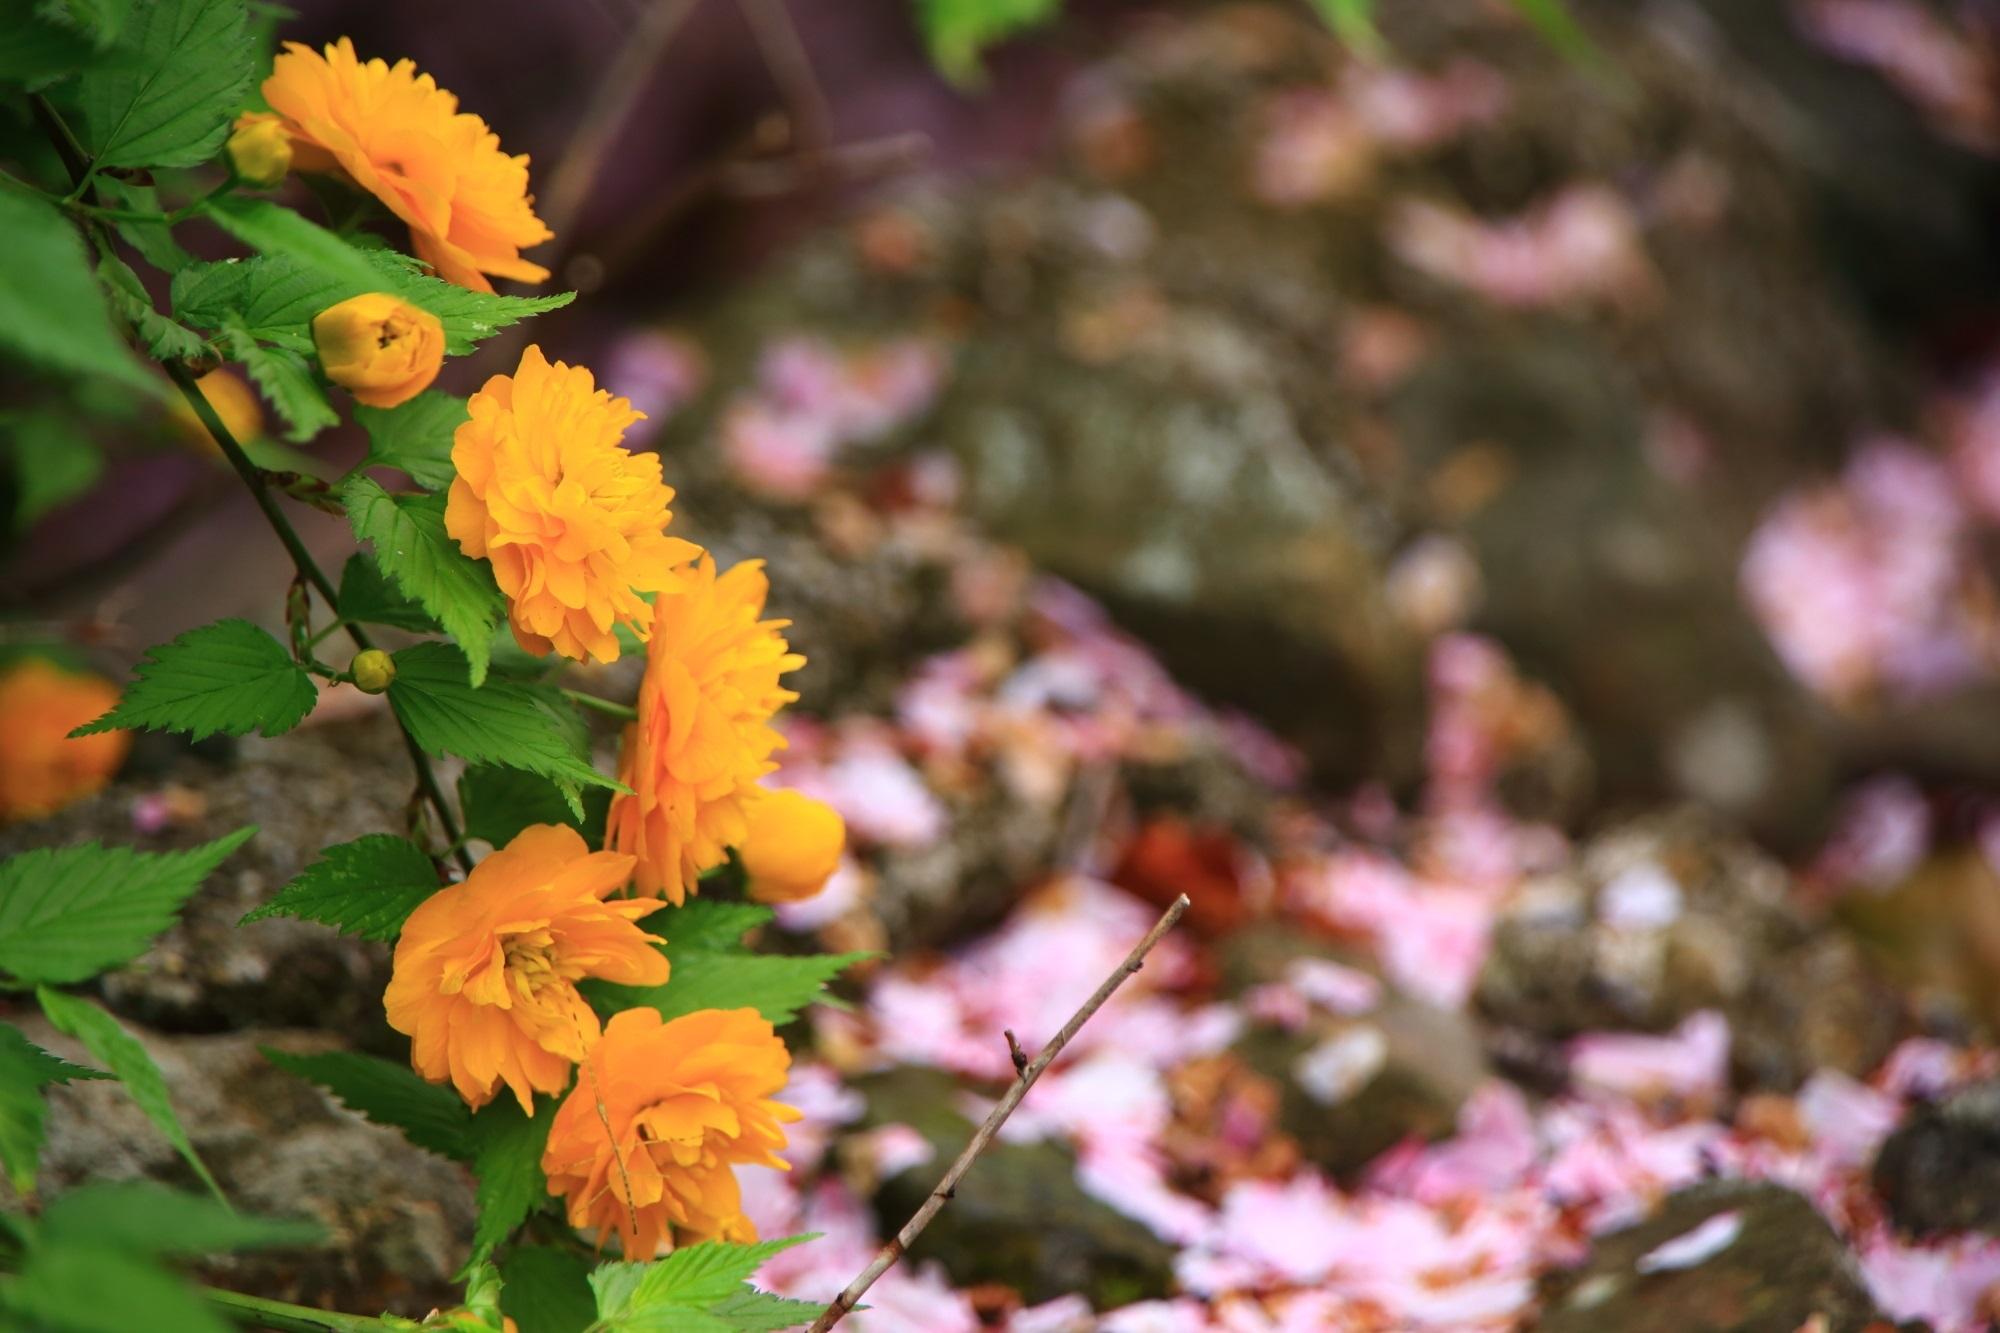 ピンクの散り桜を背景にした咲き誇る黄色い山吹